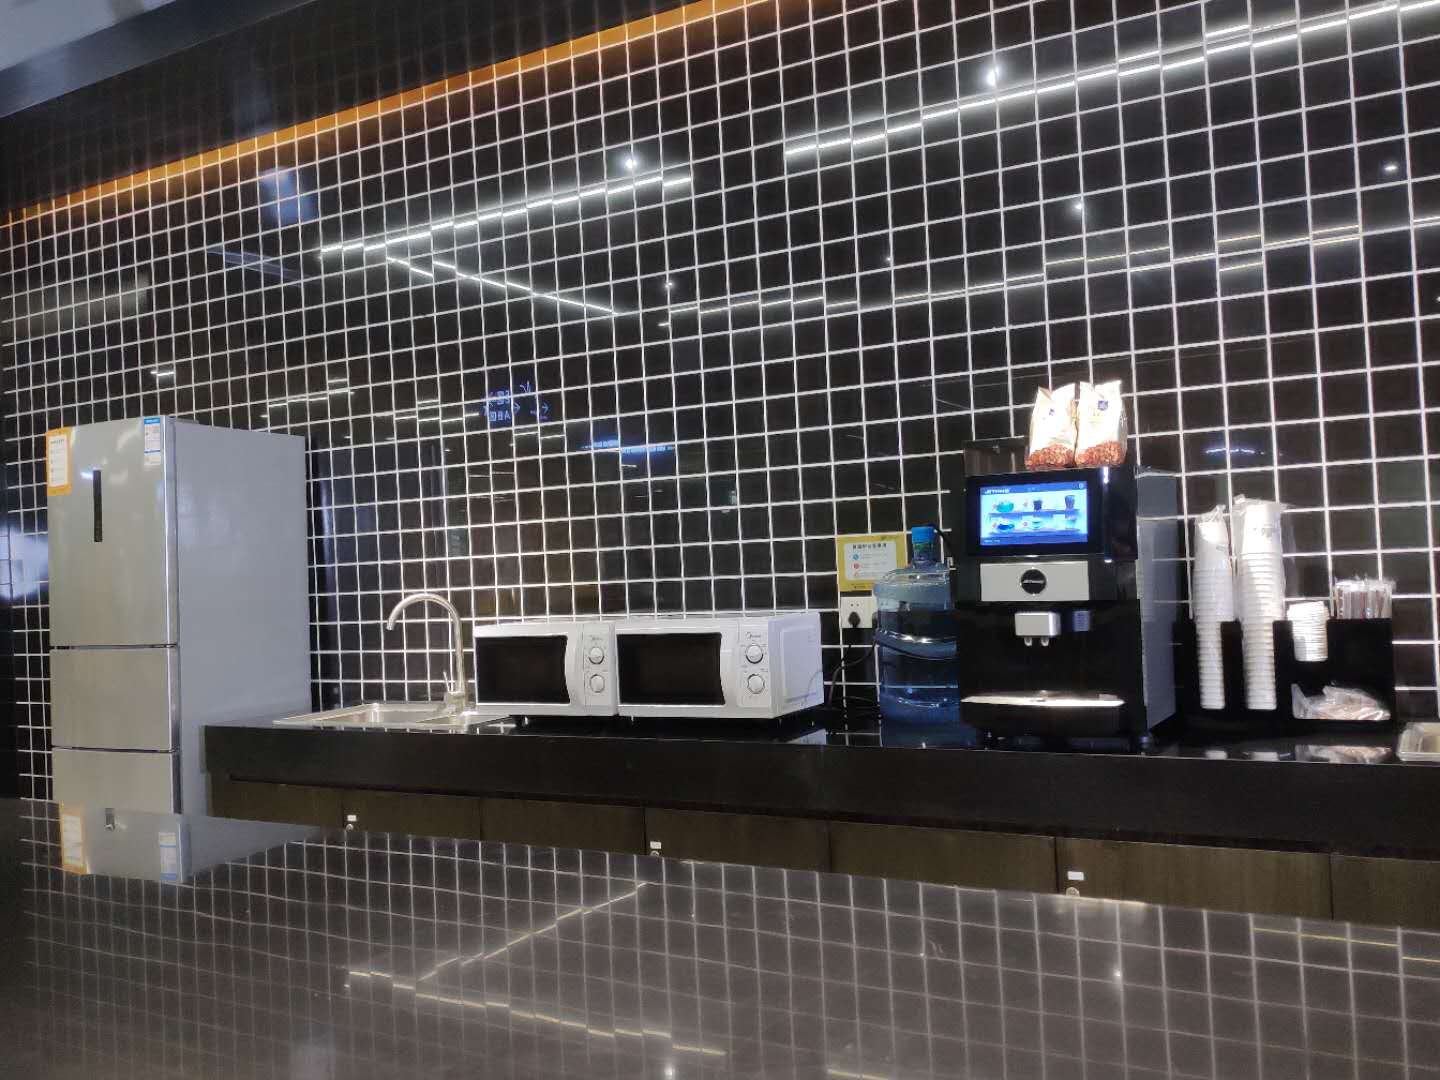 奶茶店饮品店咖啡机选择,咖啡店咖啡机推荐,咖啡机十大品牌